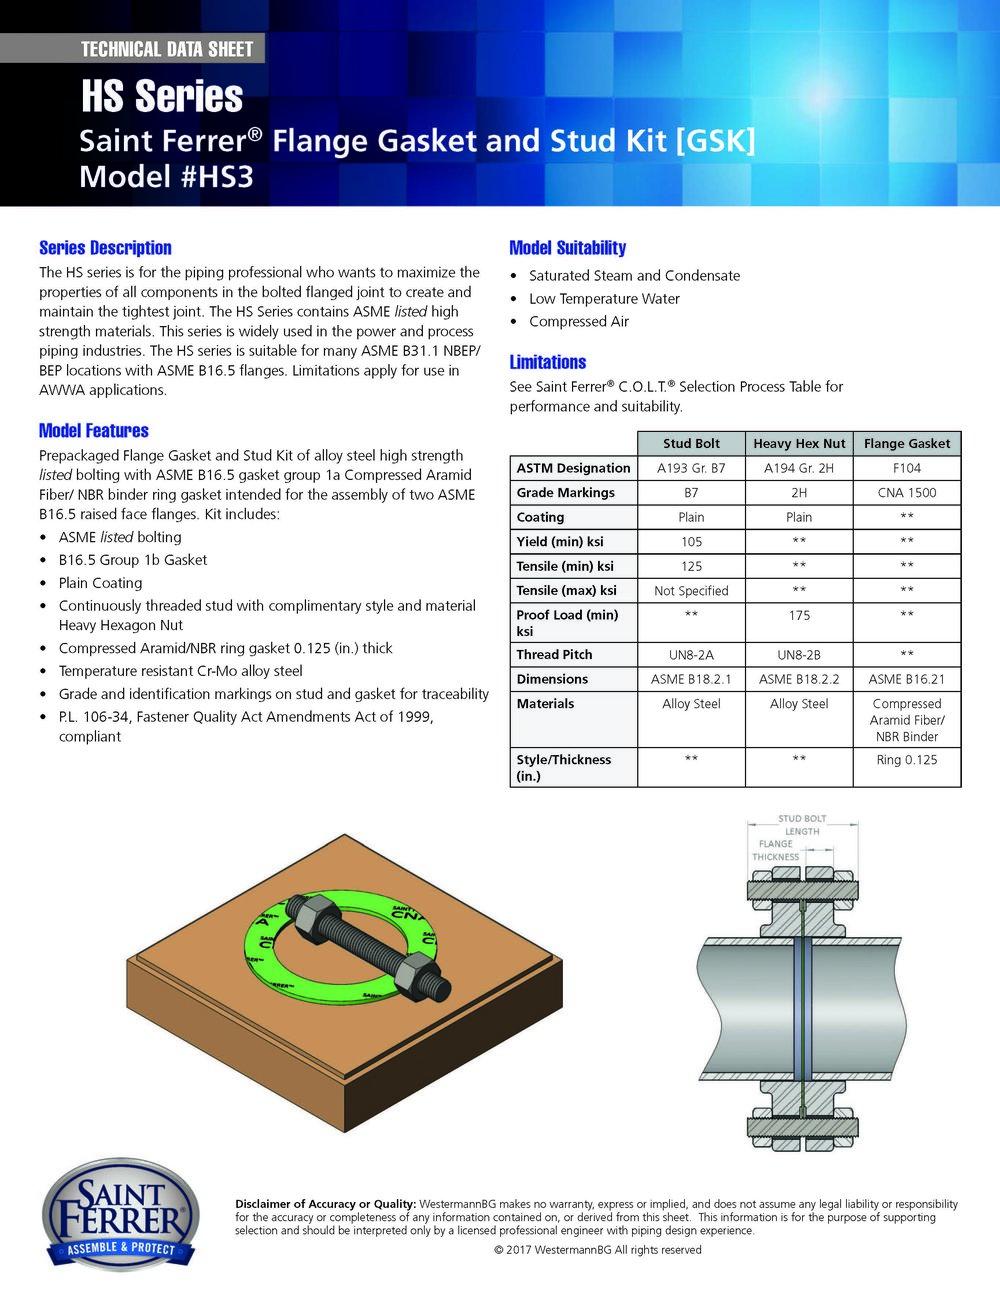 SF_Data_Sheet_HS_Series_HS3.jpg